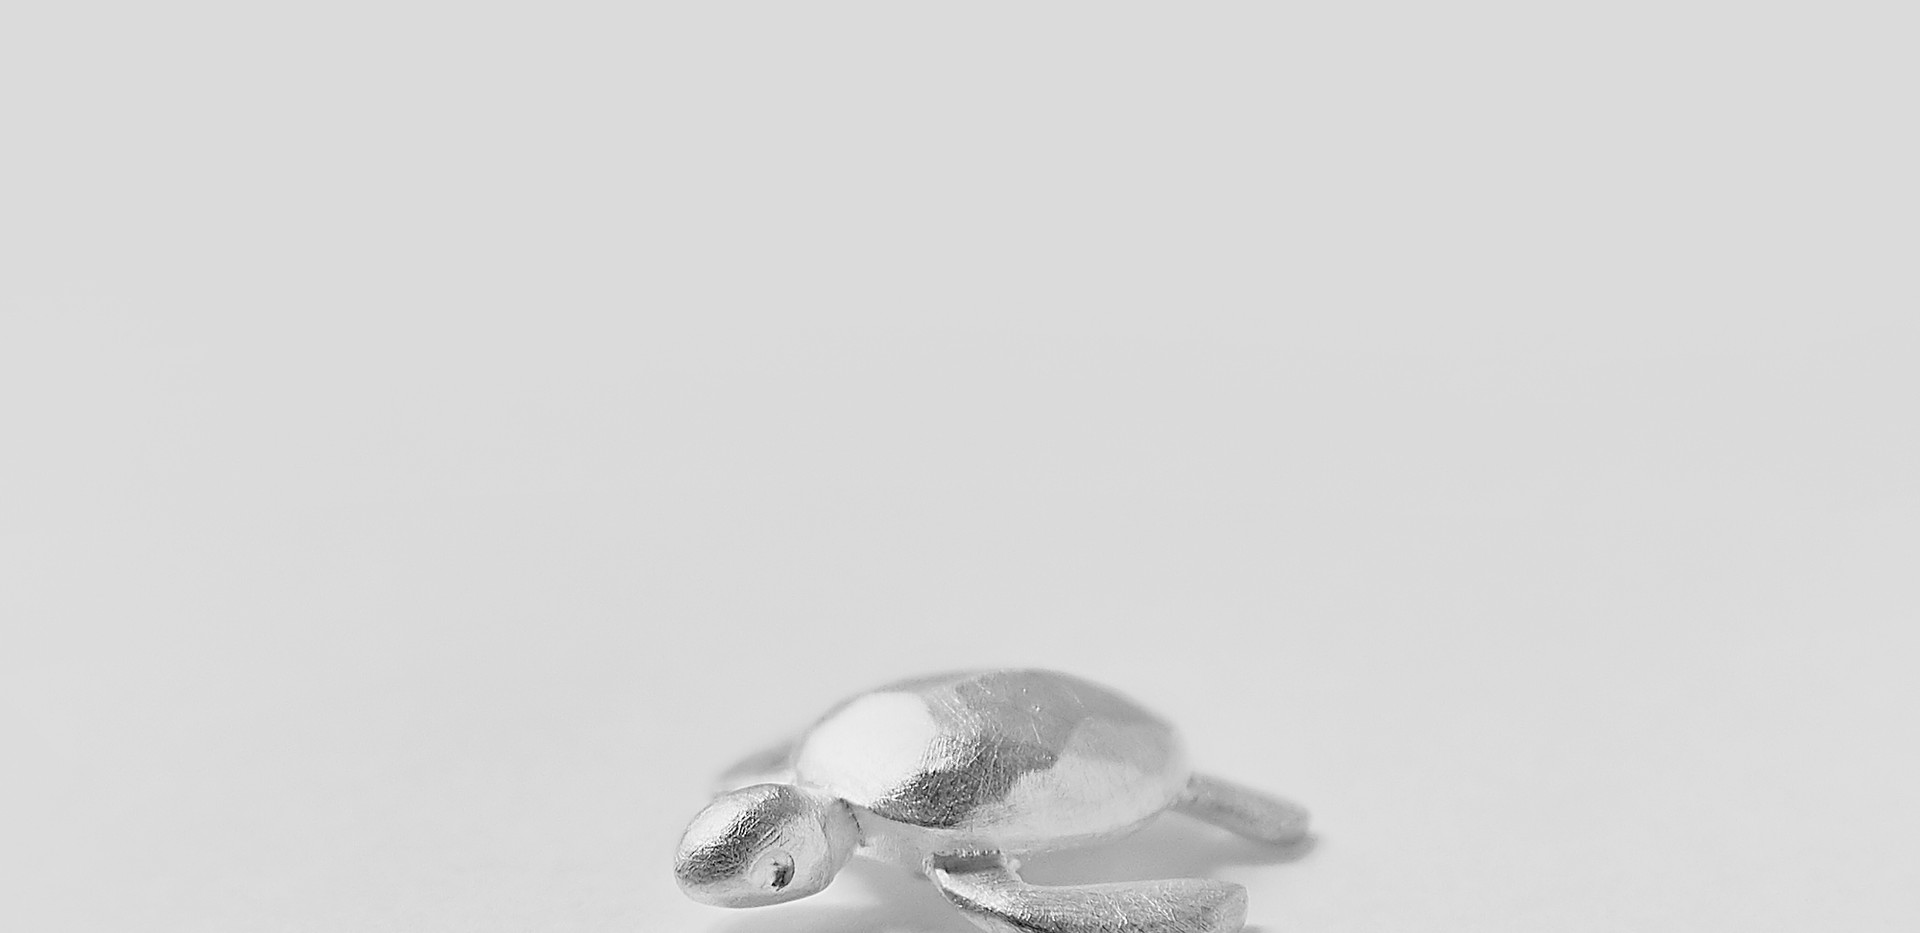 Die Meeresschildkröte der Finsternis